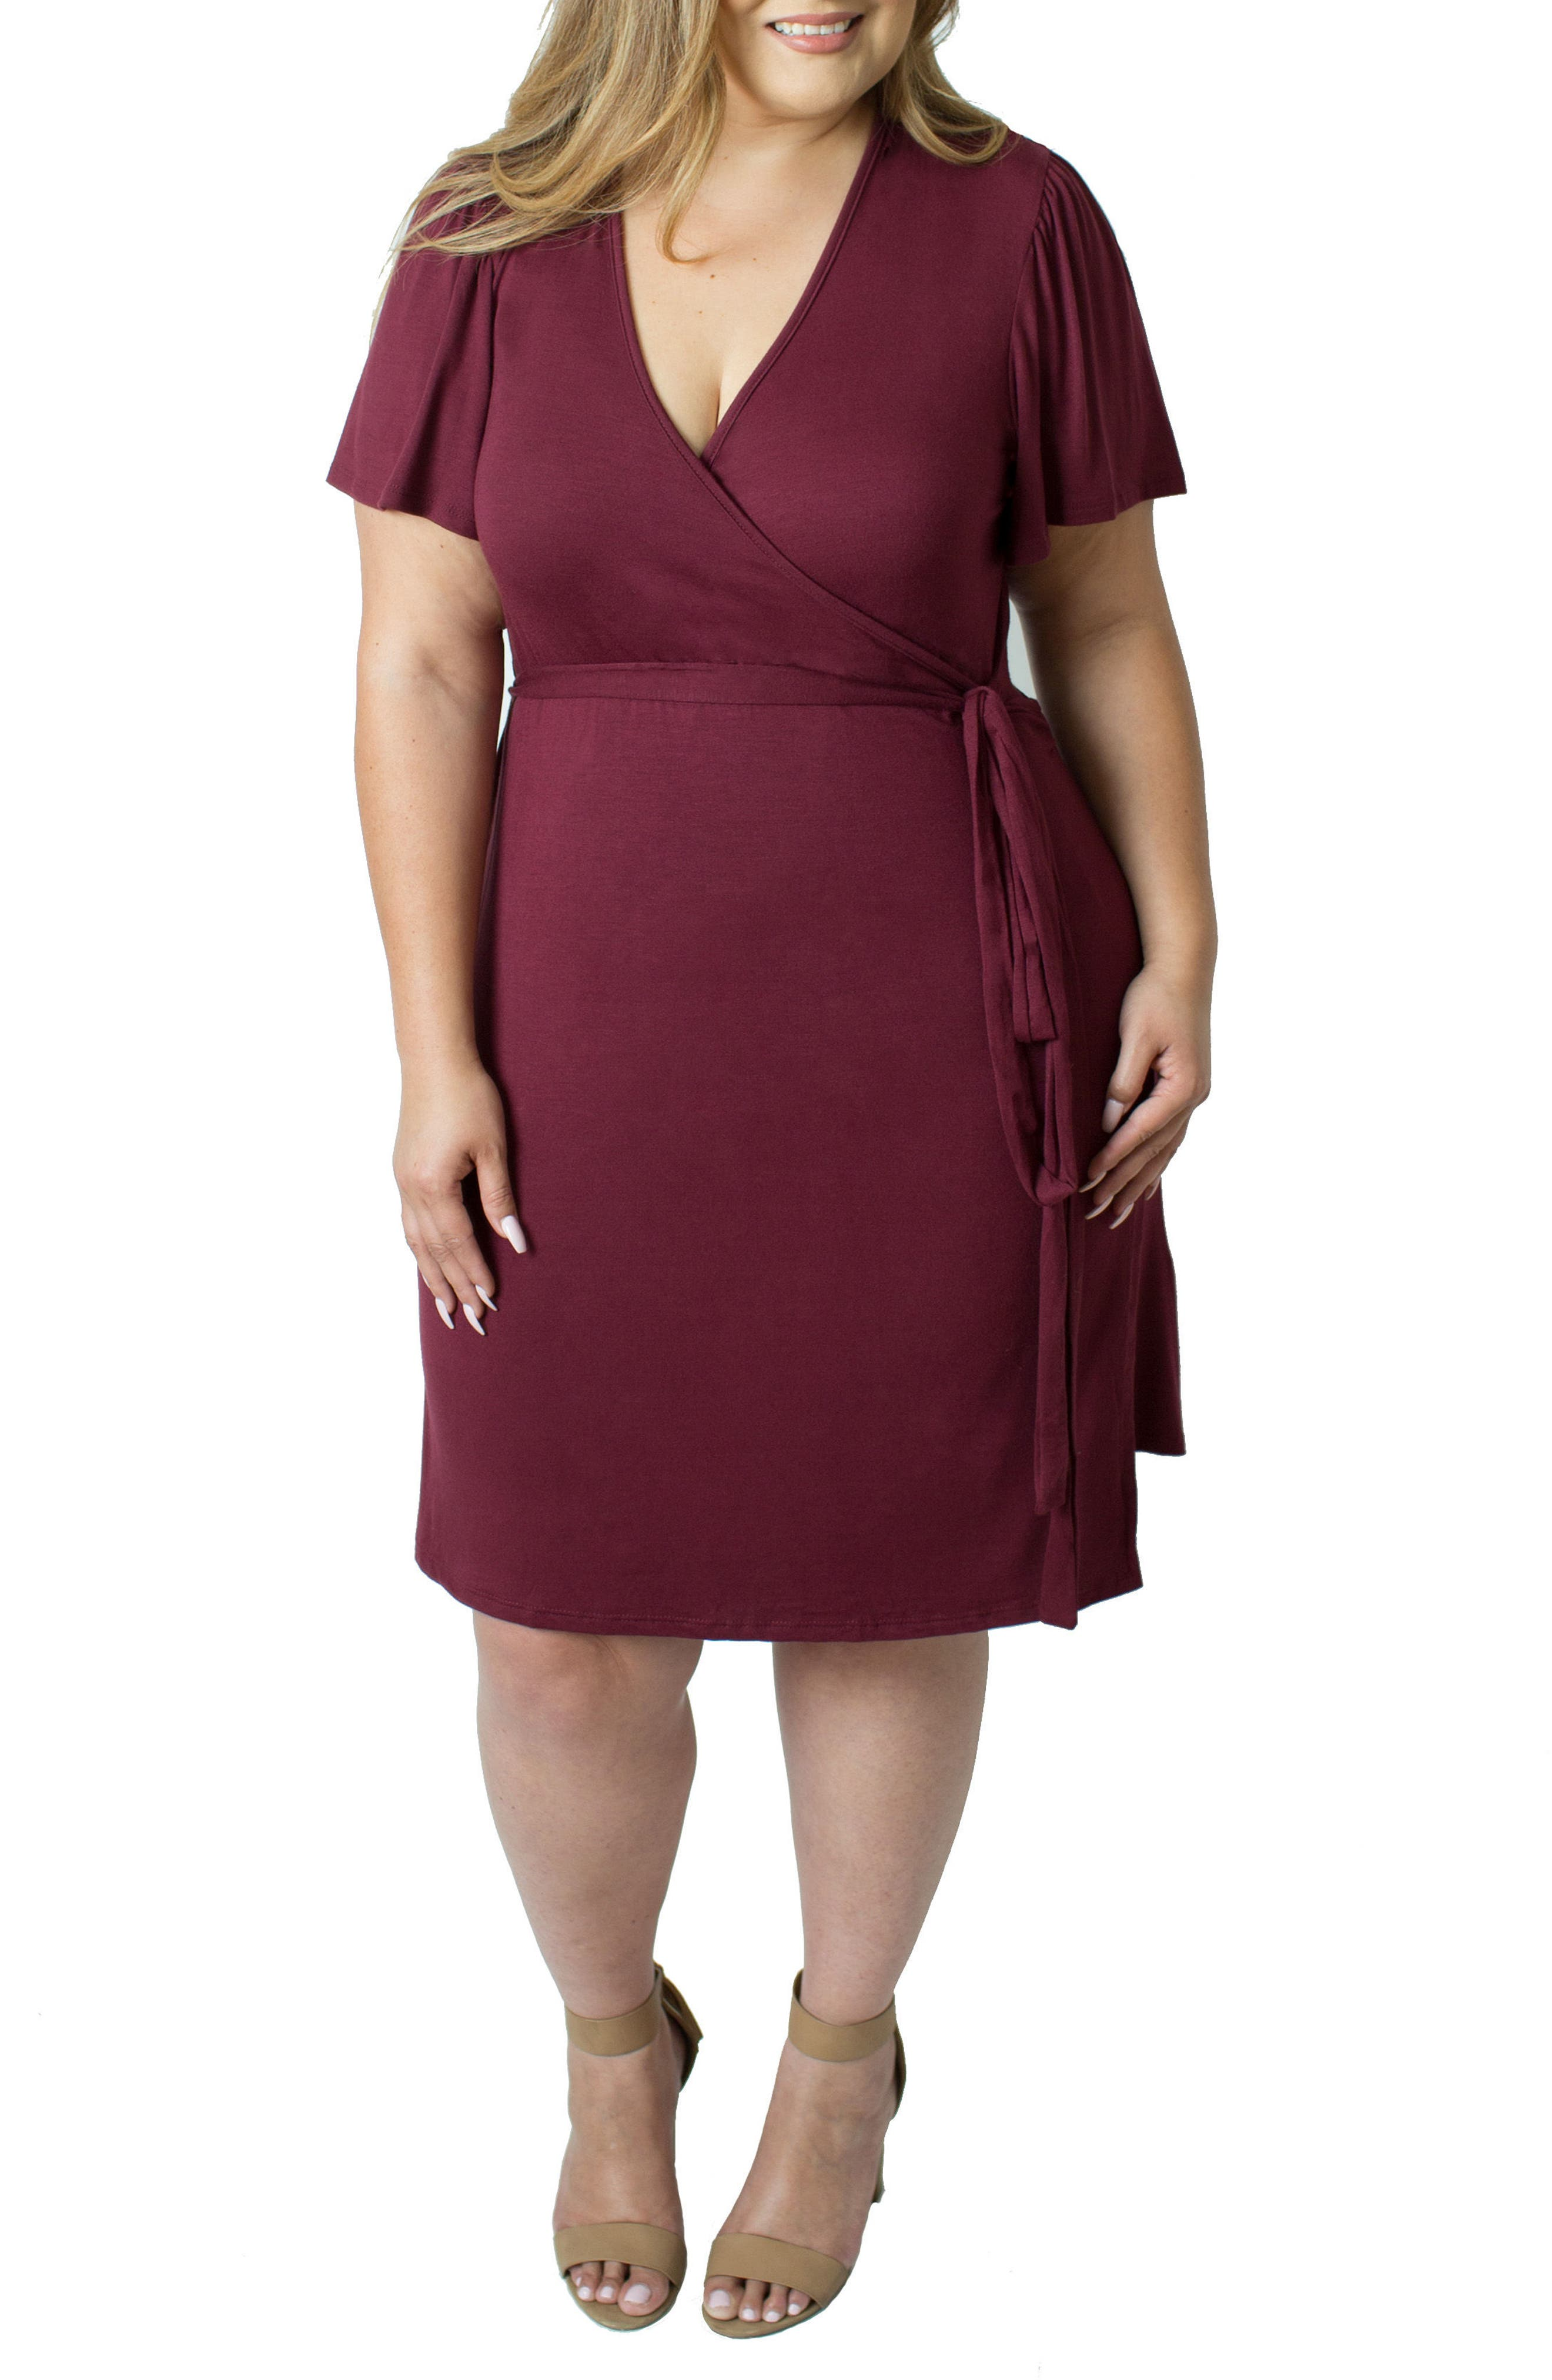 Main Image - Udderly Hot Mama Wrap Nursing Dress (Plus Size)